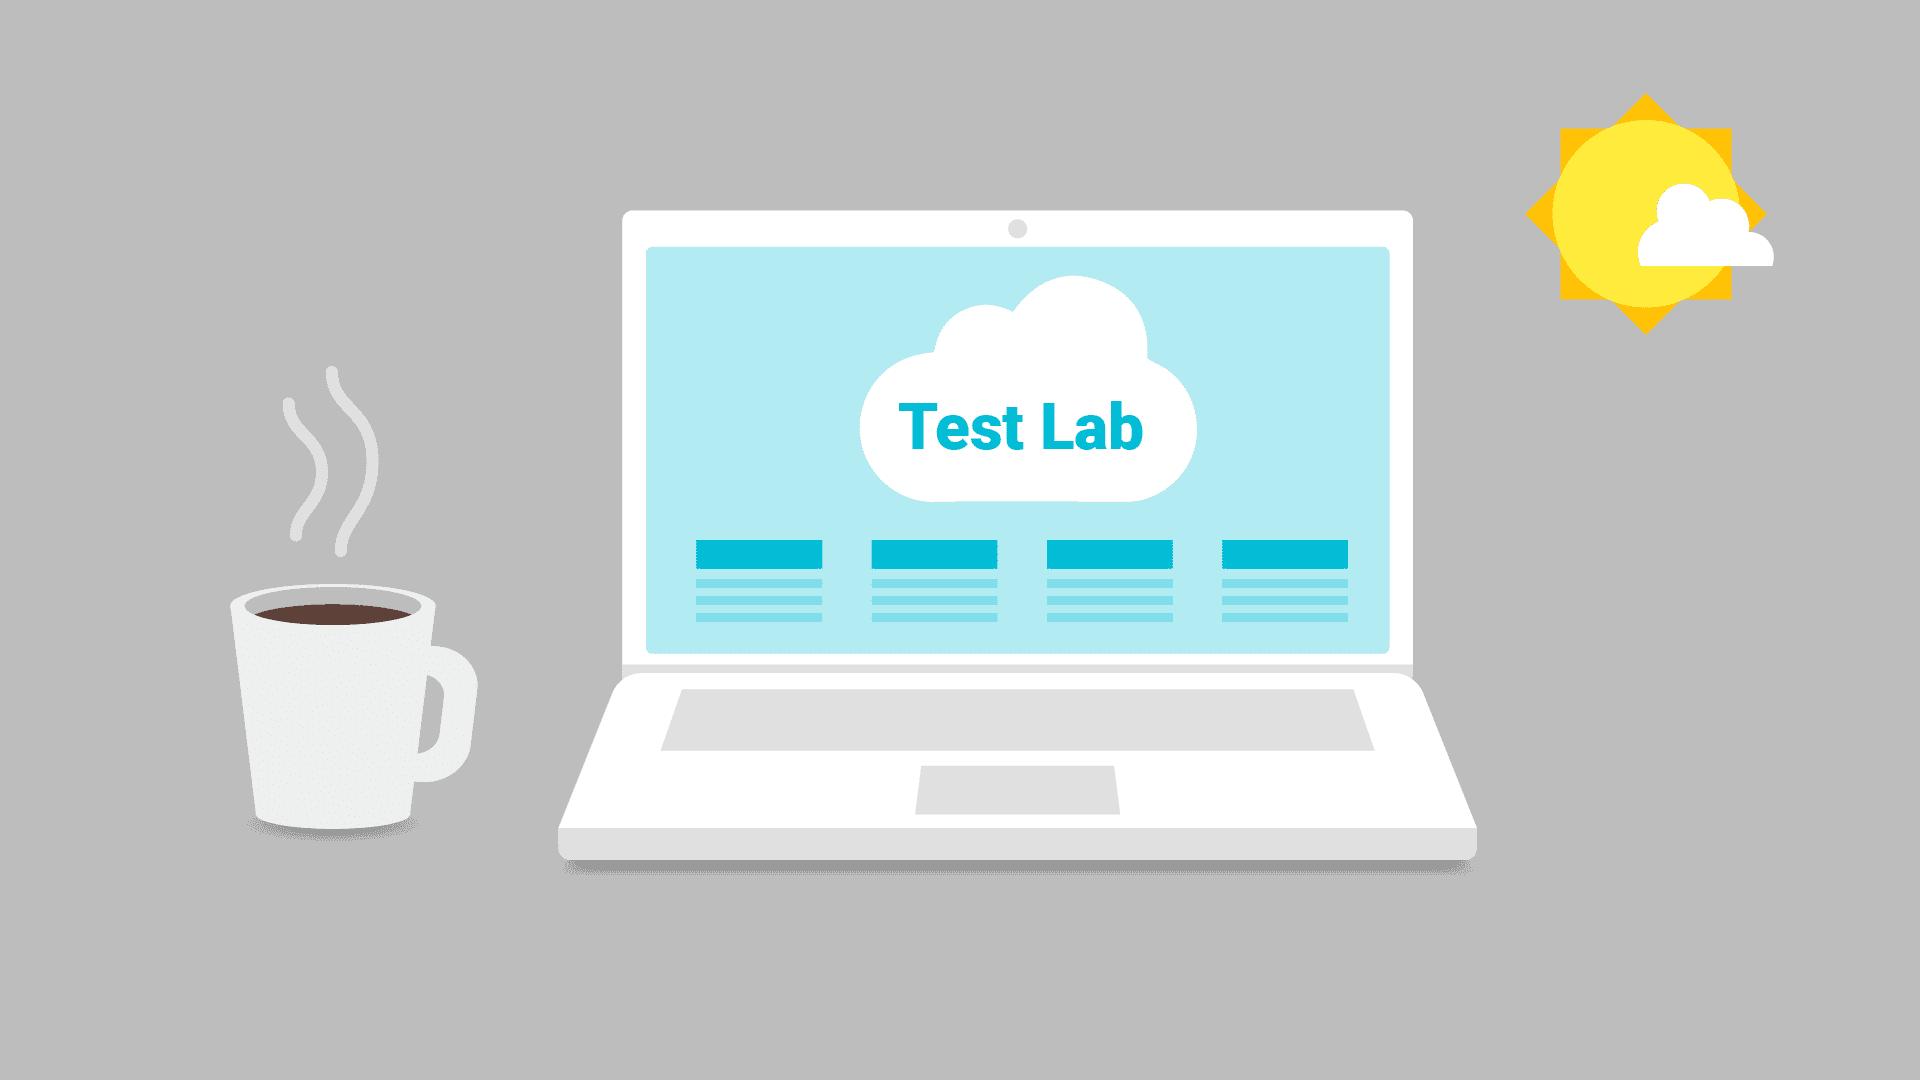 屏幕上显示有测试实验室的笔记本电脑